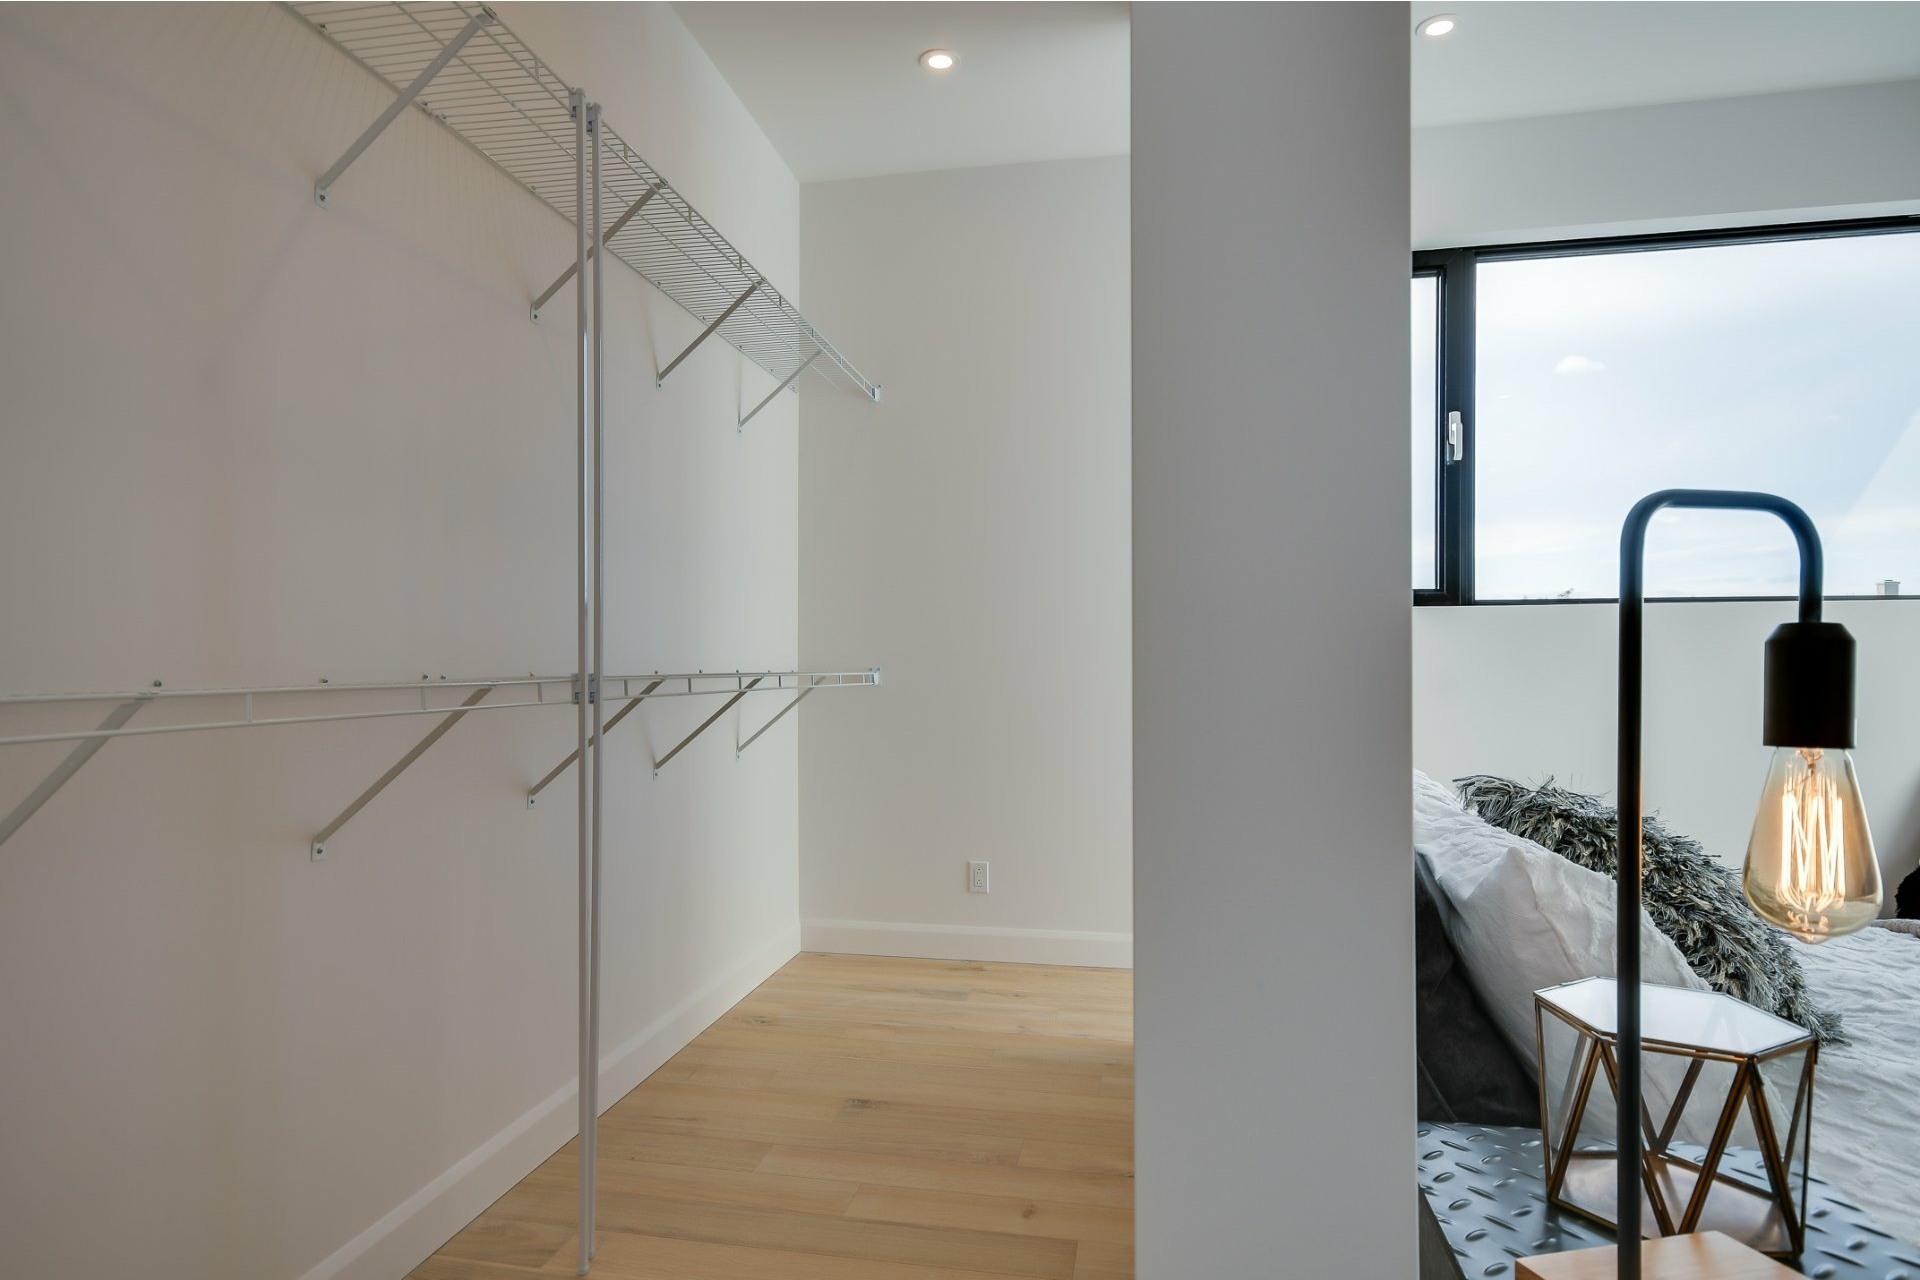 image 4 - Apartment For sale Villeray/Saint-Michel/Parc-Extension Montréal  - 7 rooms